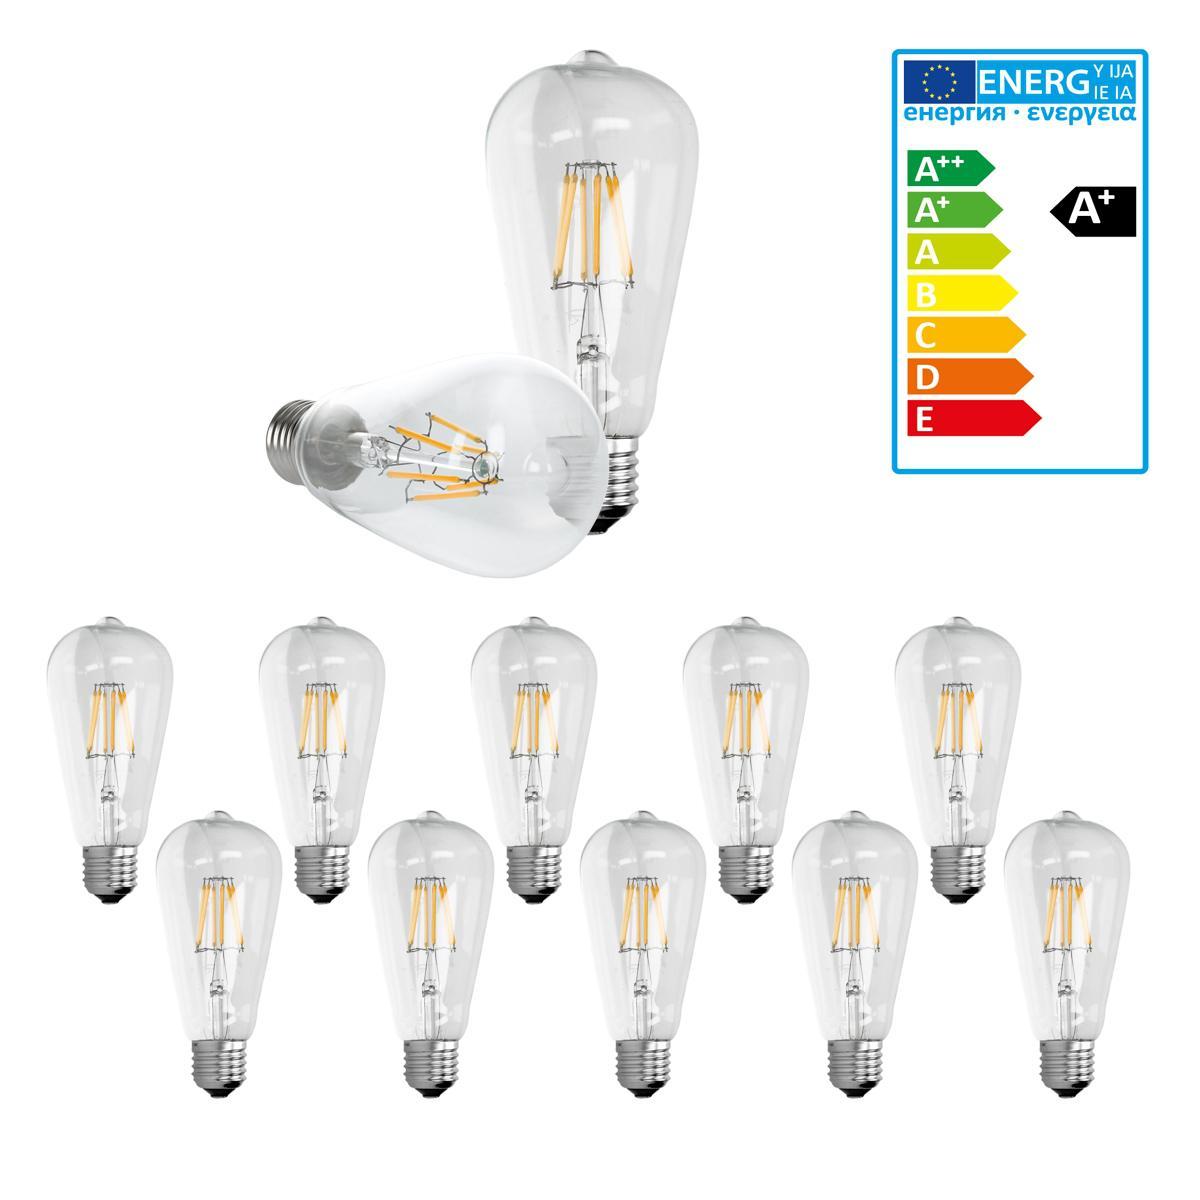 Ecd Germany ECD Germany 10 x LED Filament de l'ampoule E27 Classique Edison 6W 612 lumens Angle de faisceau 120 ° AC 220-240 reste c